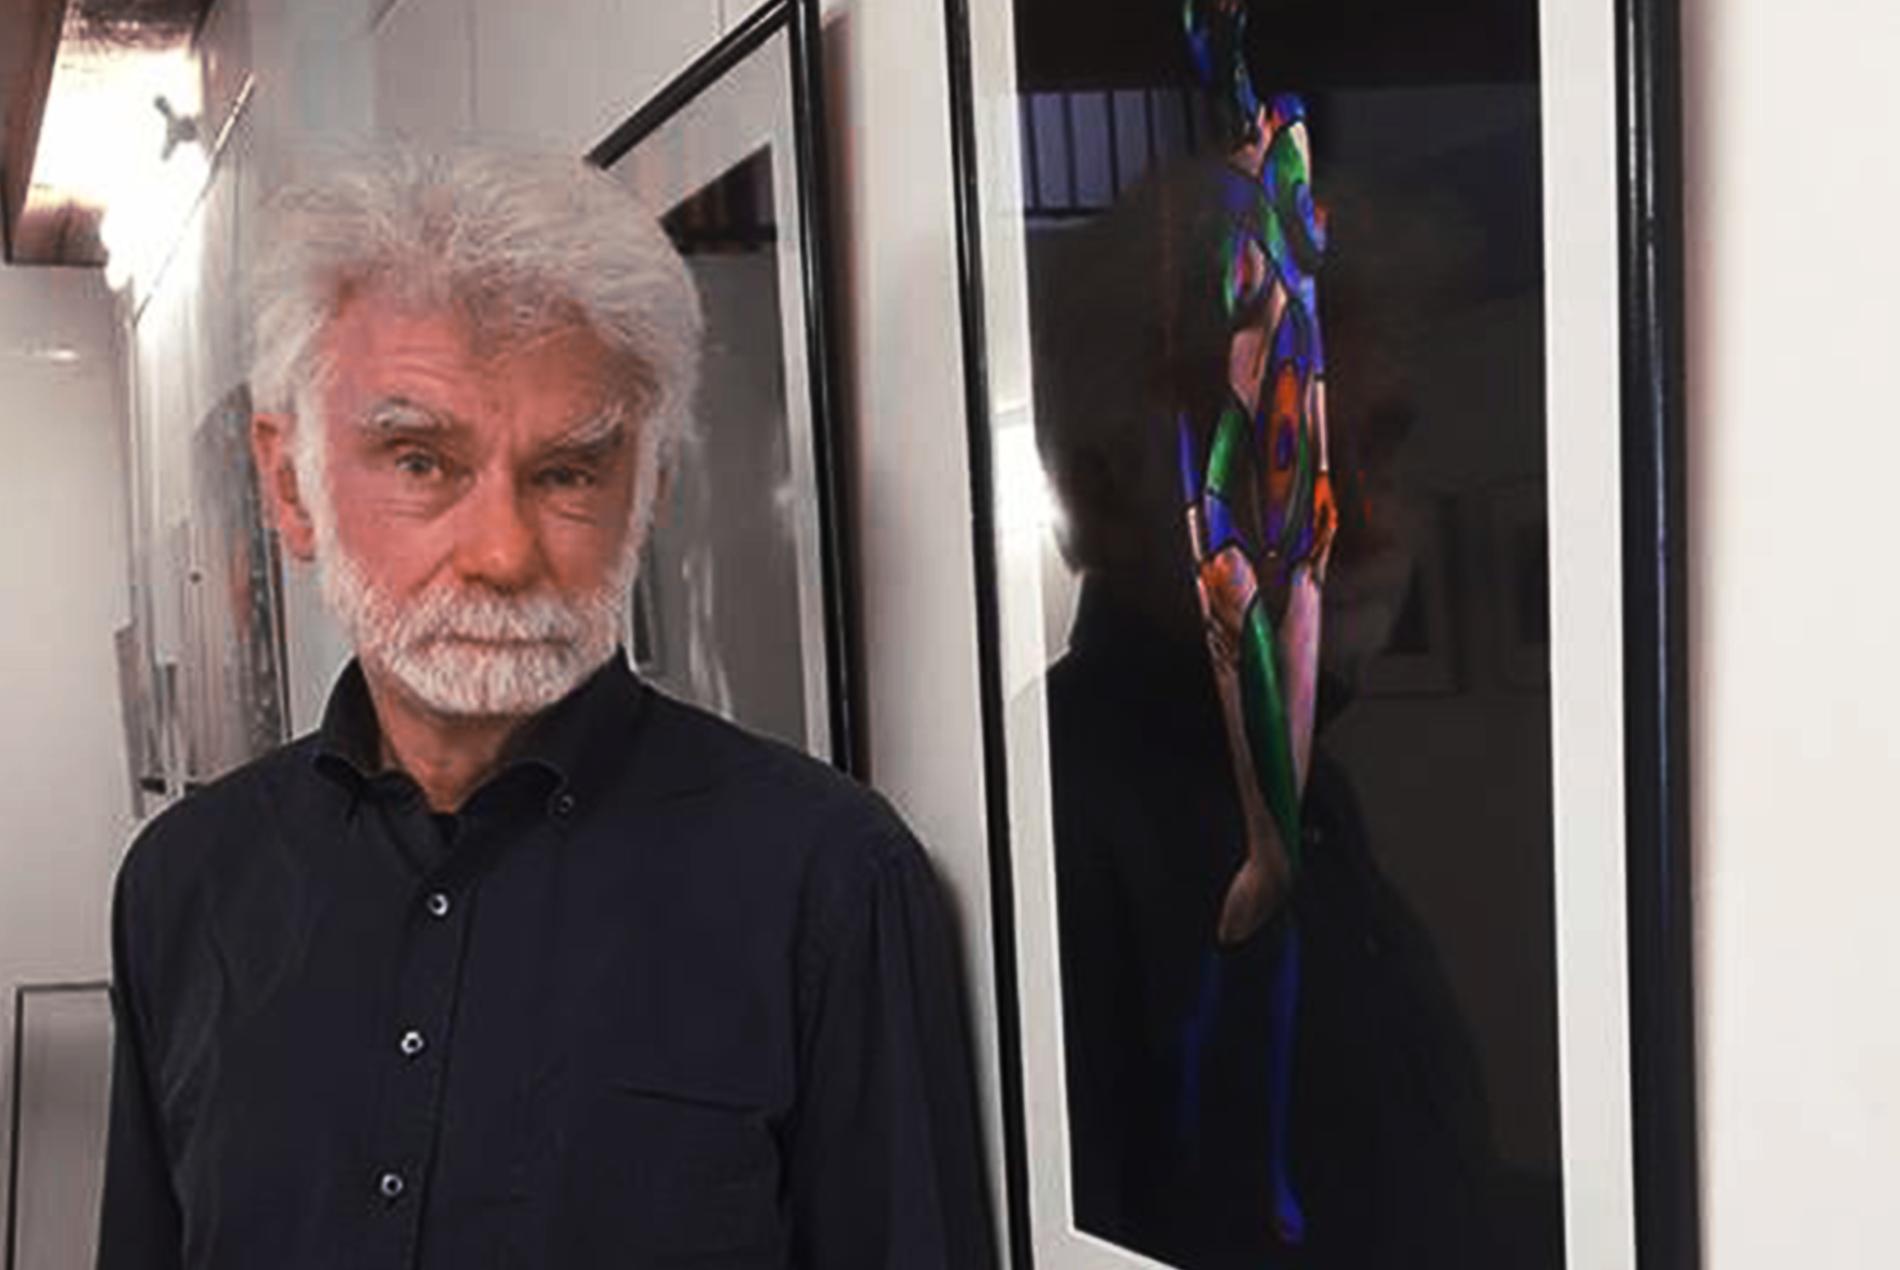 Peter Bishop à La galerie d'art ESDAC sur Aix-en-Provence